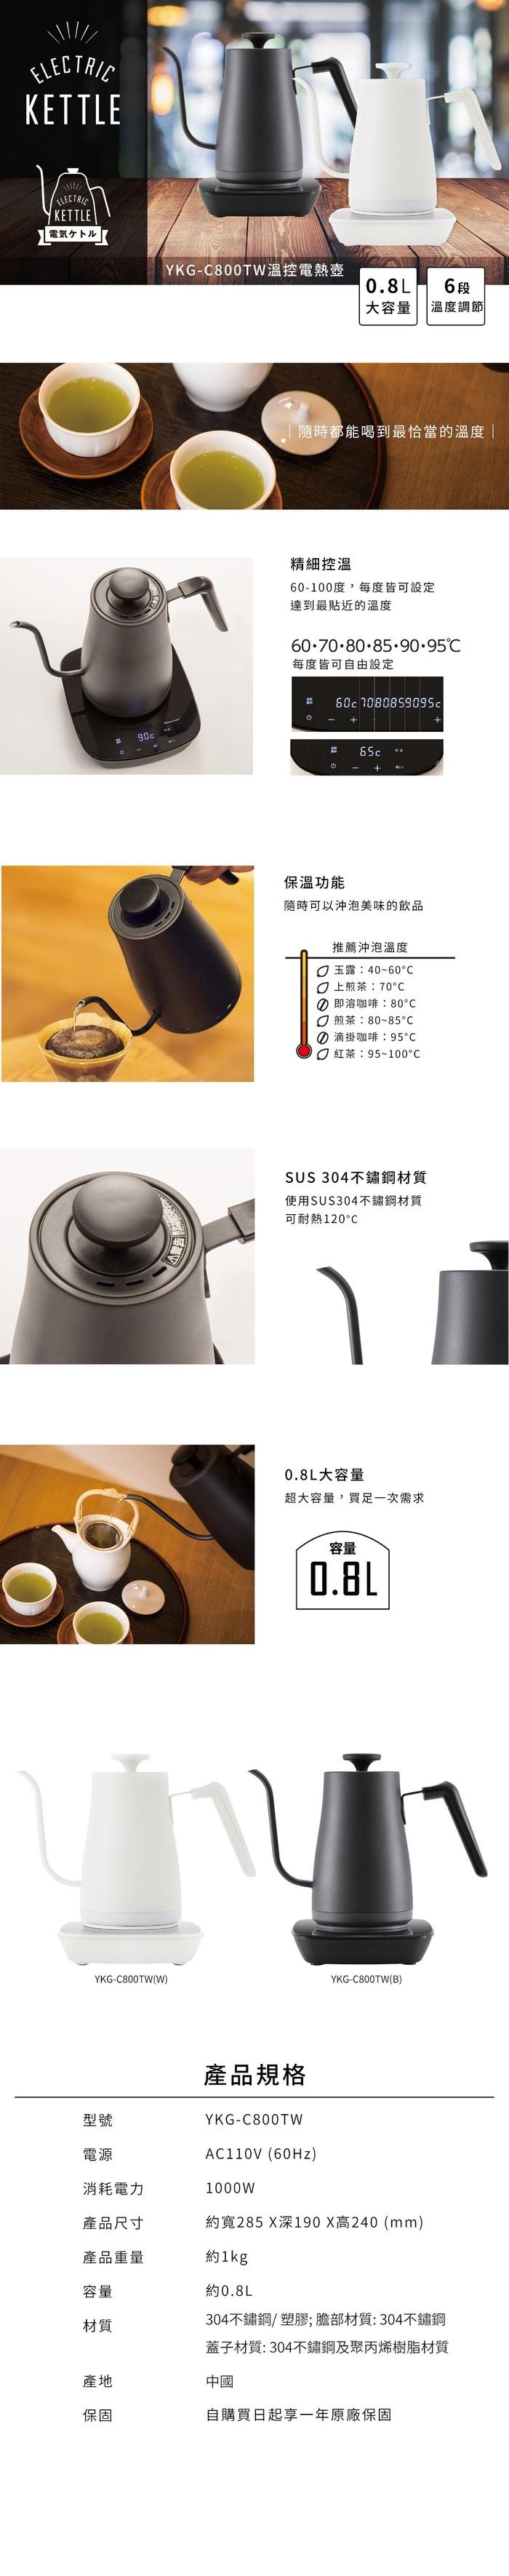 YAMAZEN|YKG-C800TW 溫控電熱壺(白)